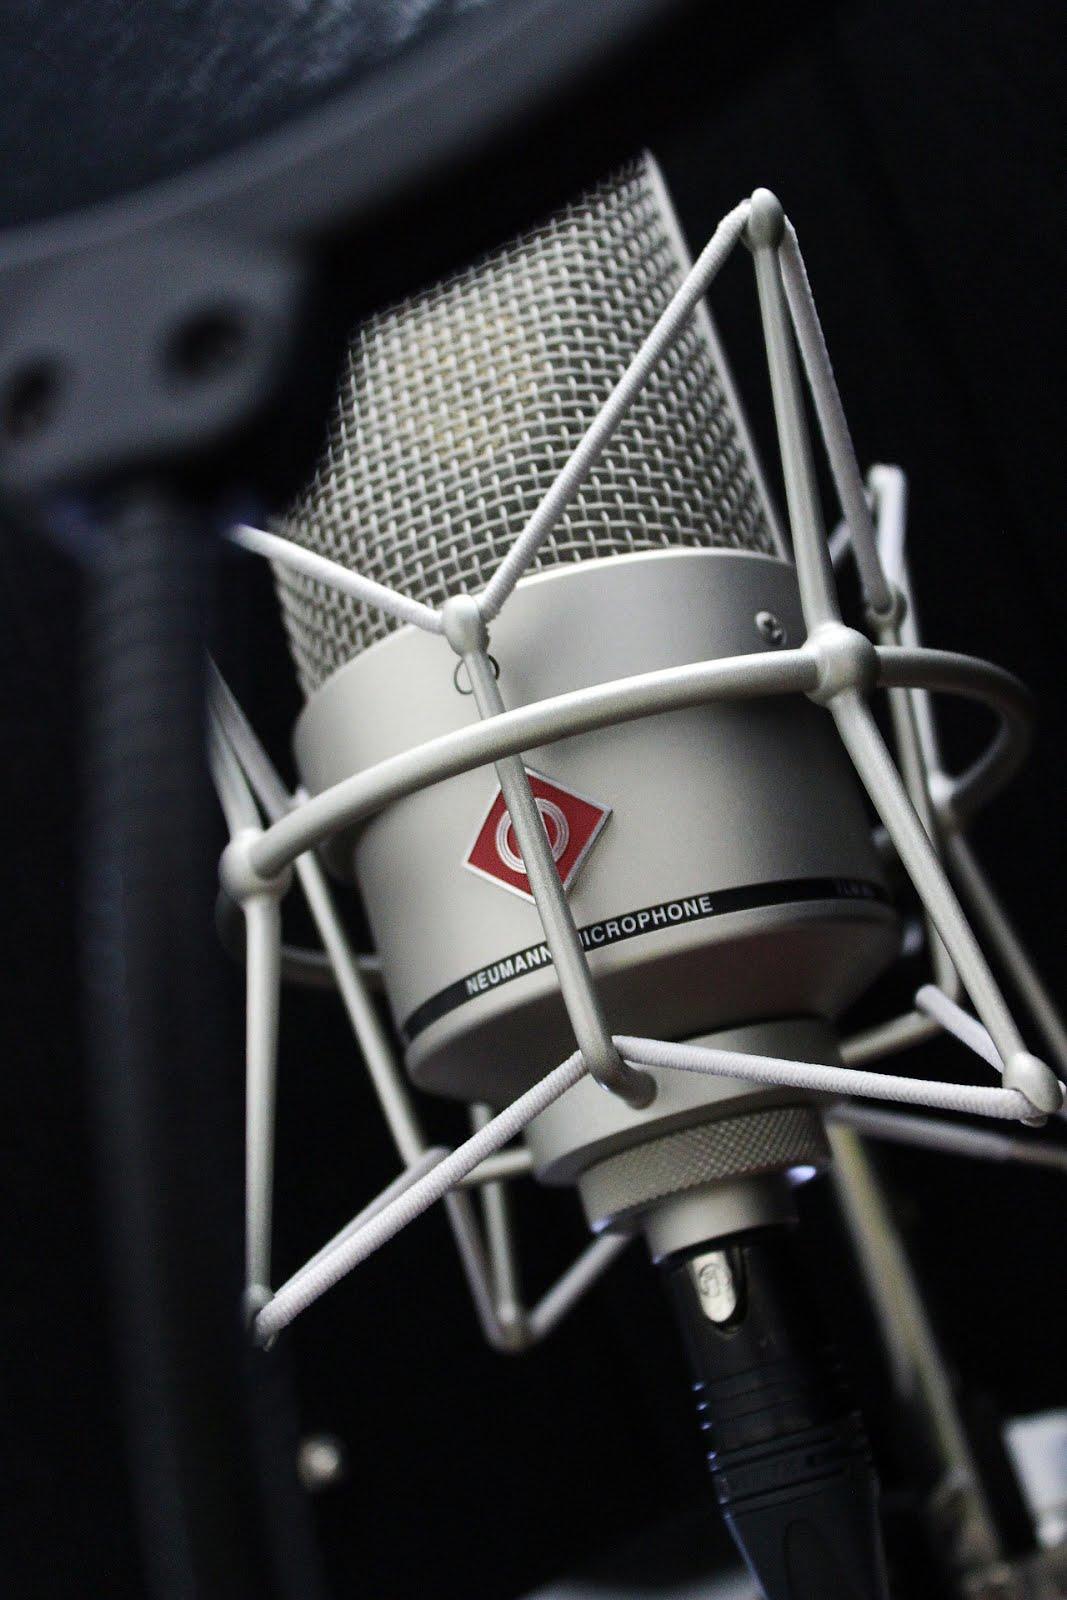 RegionetRadio Noticias